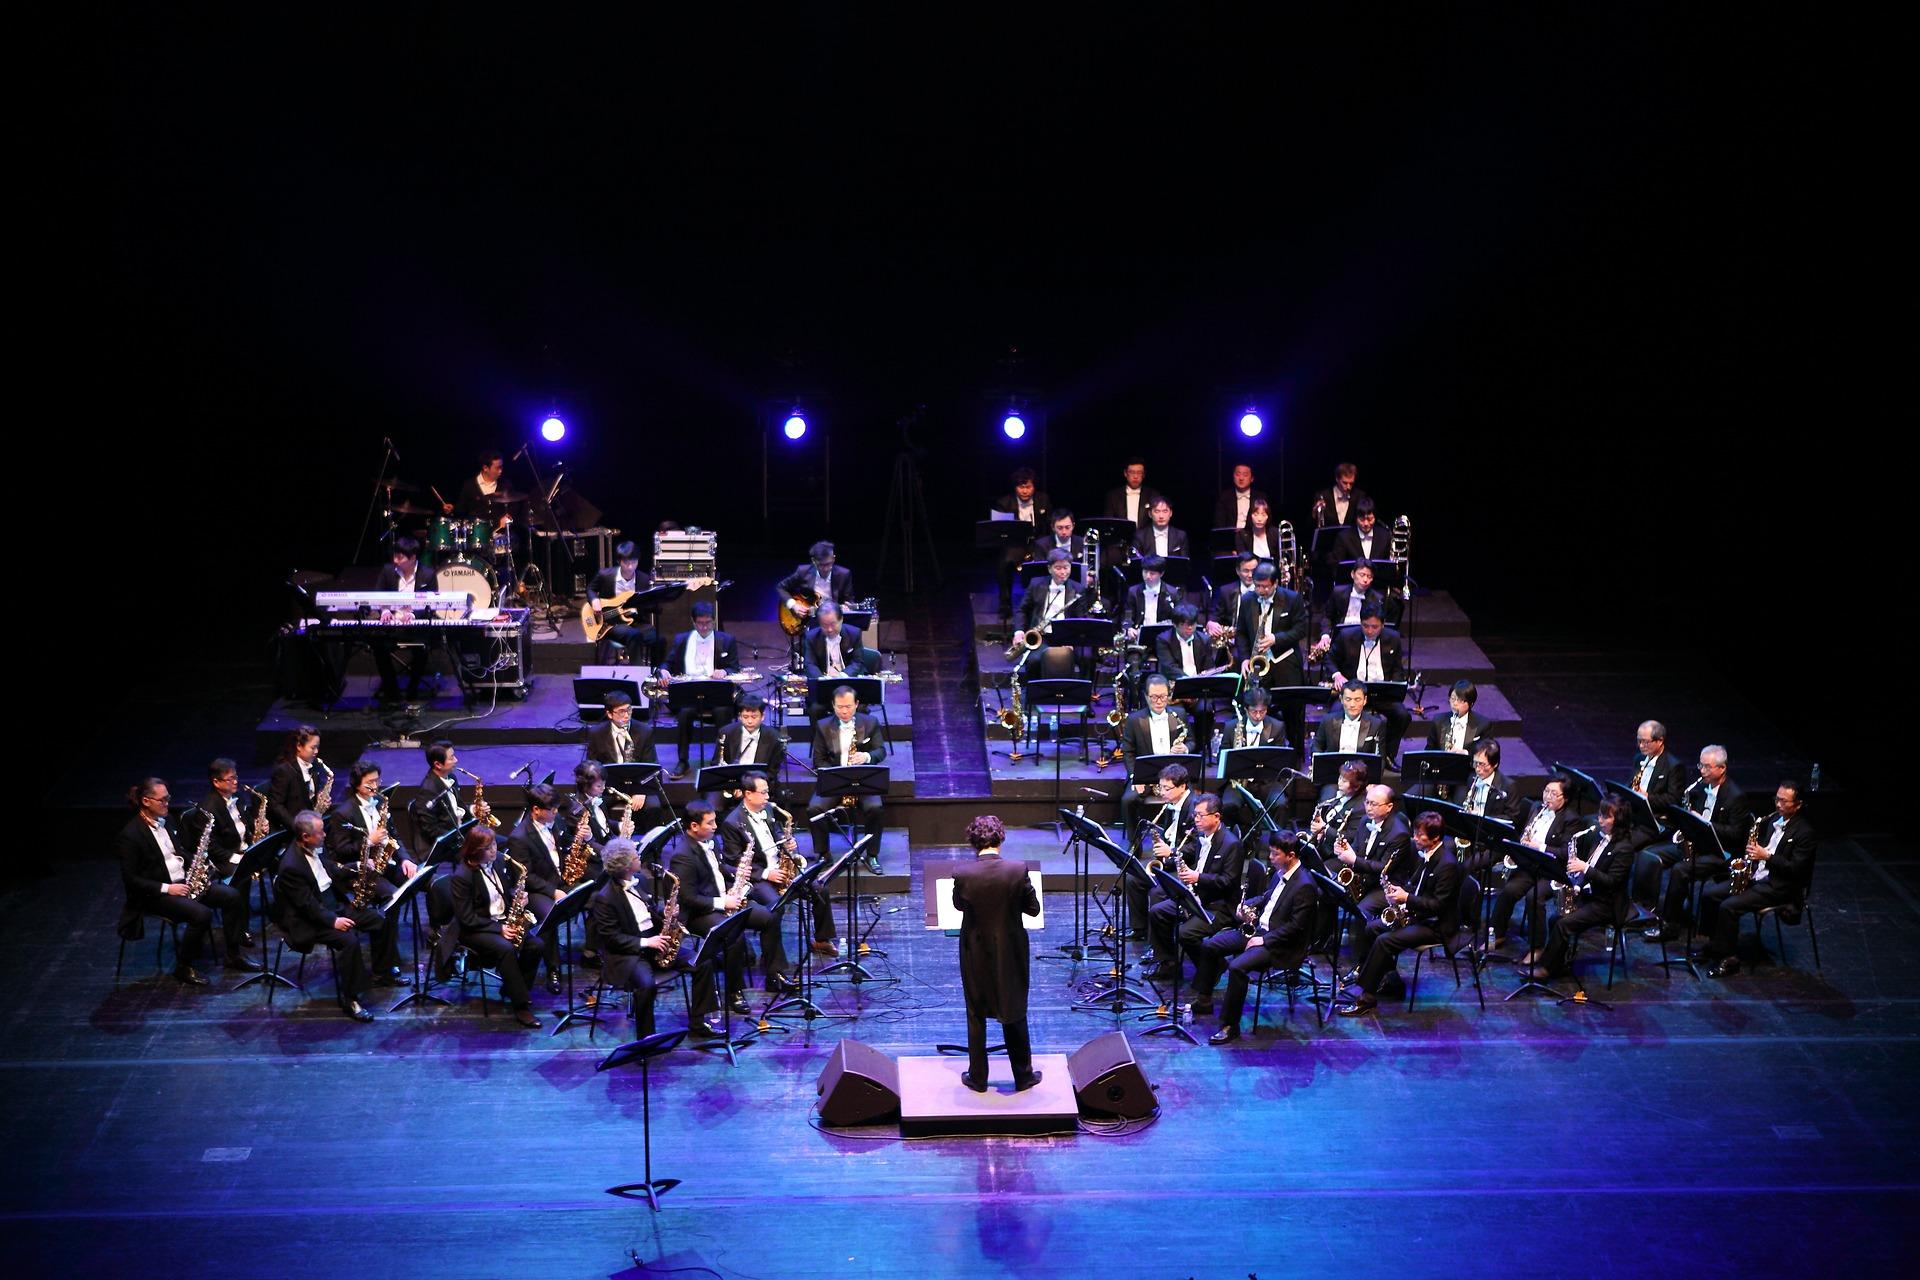 映画「奇跡のシンフォニー」オーケストラのすごさを教えてくれる